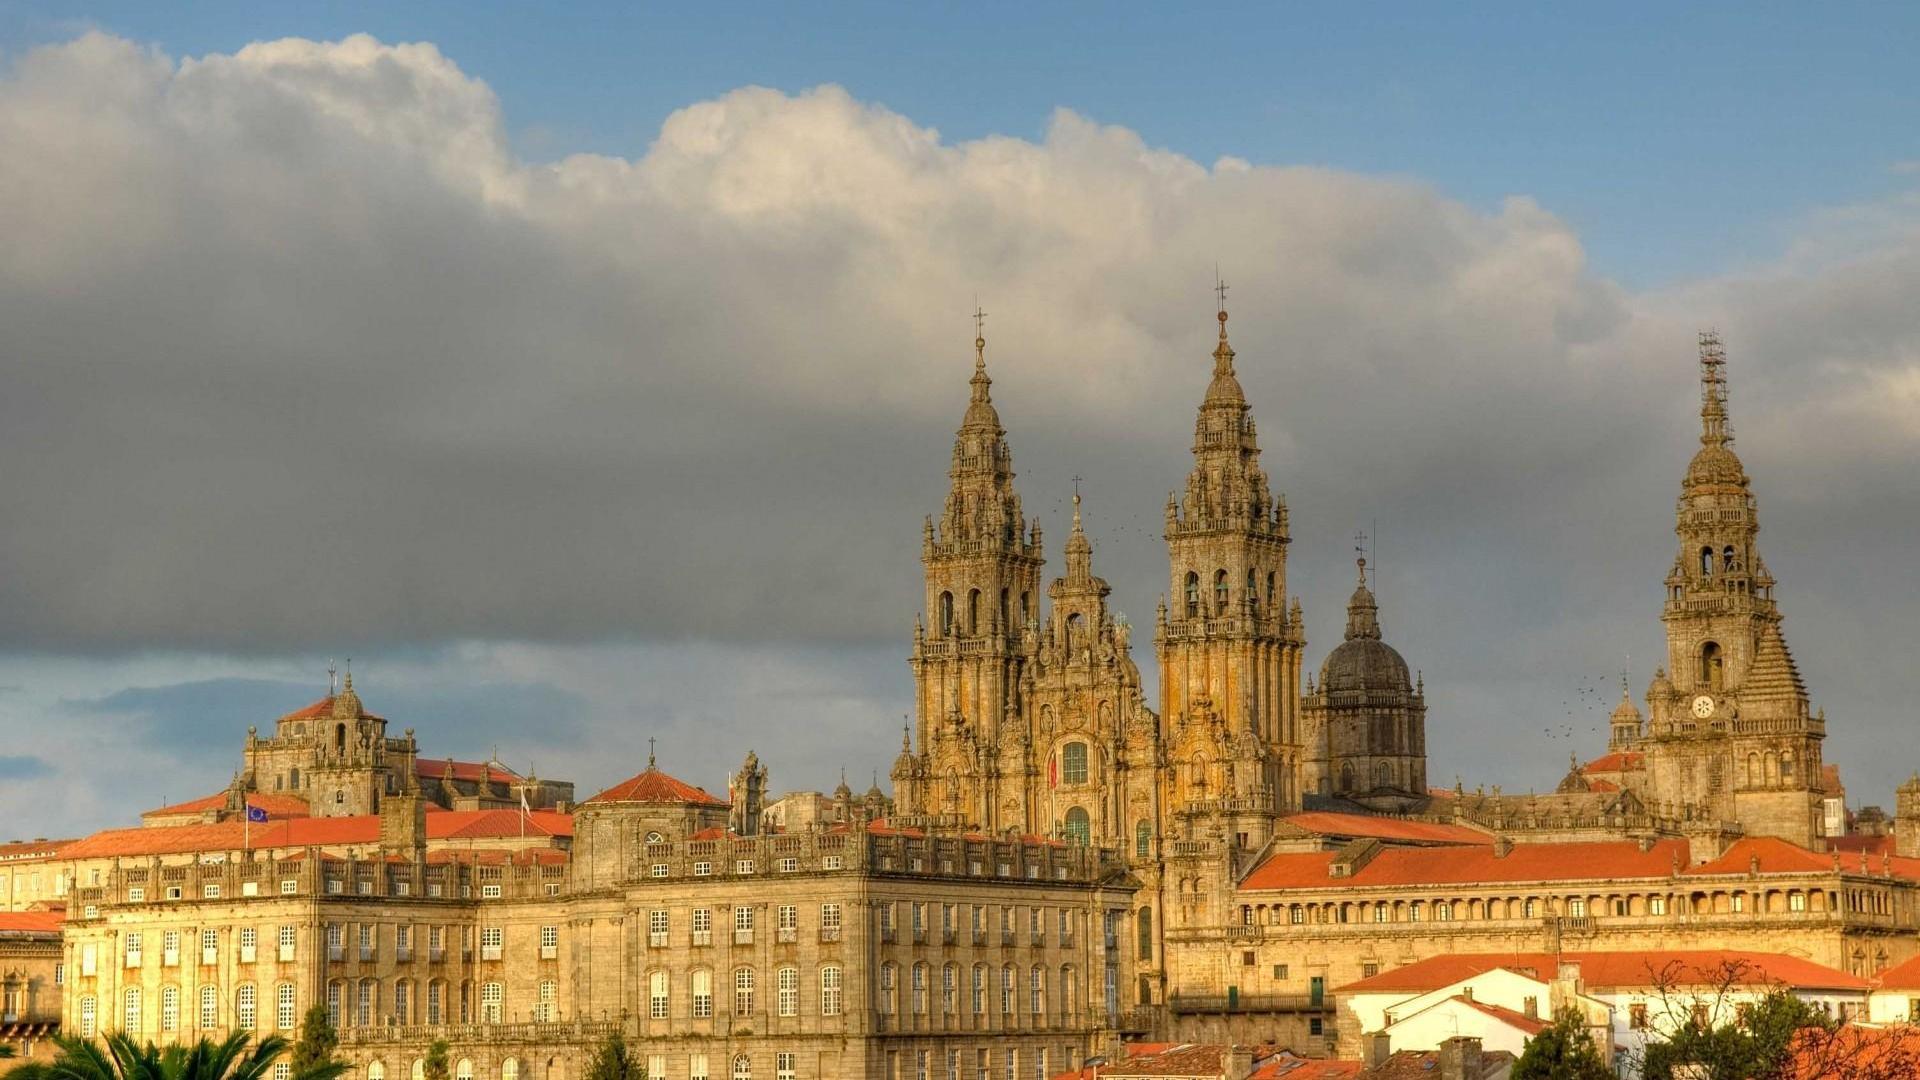 Santiago de Compostella mit der Kathedrale | Spanien